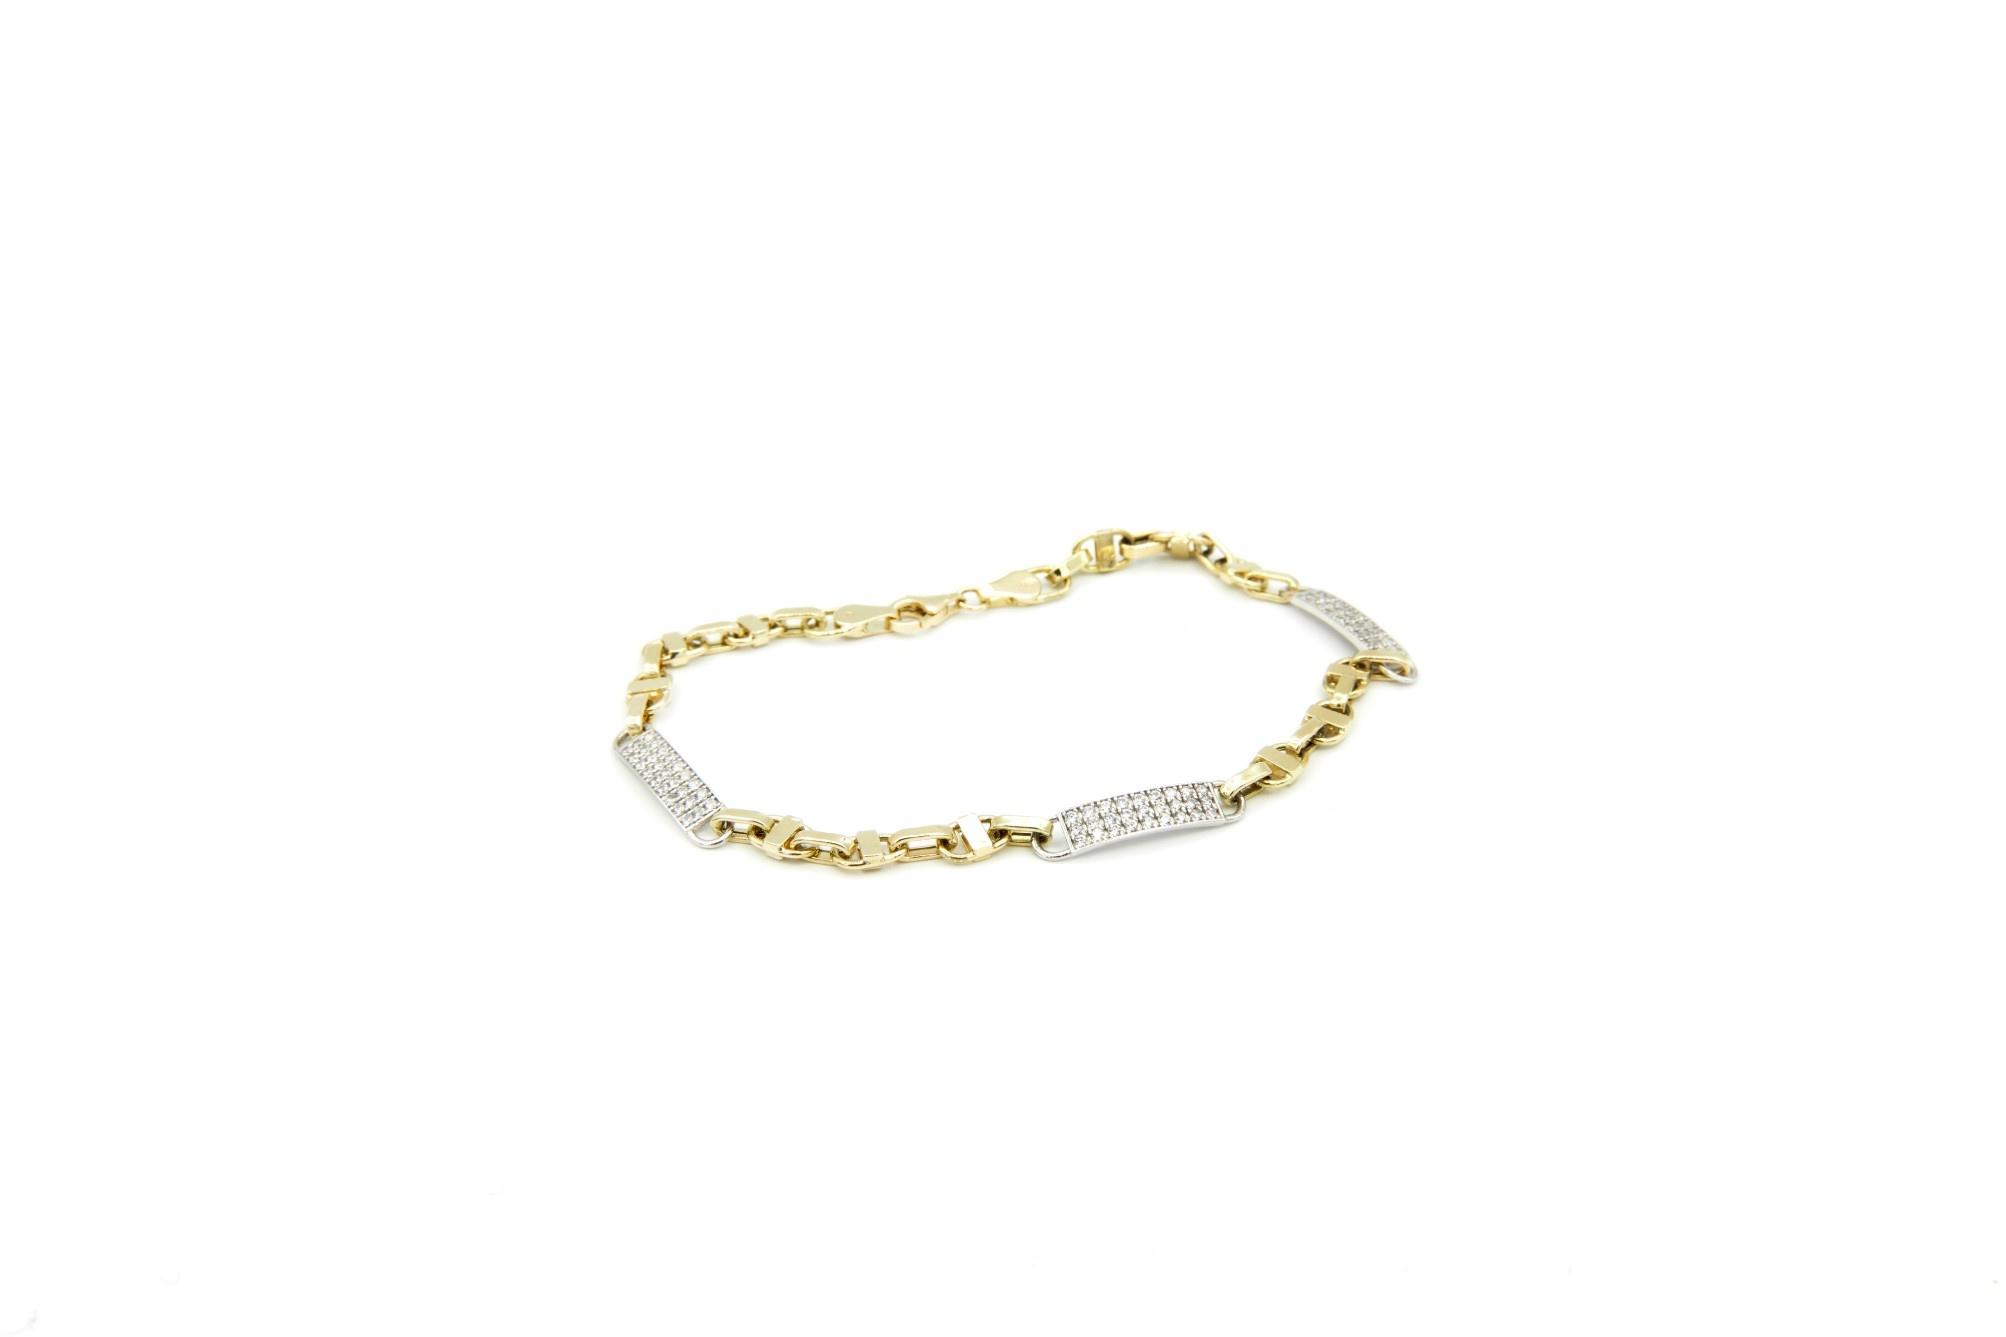 Armband geelgouden schakel en witgouden plaatjes met steentjes - Copy-5